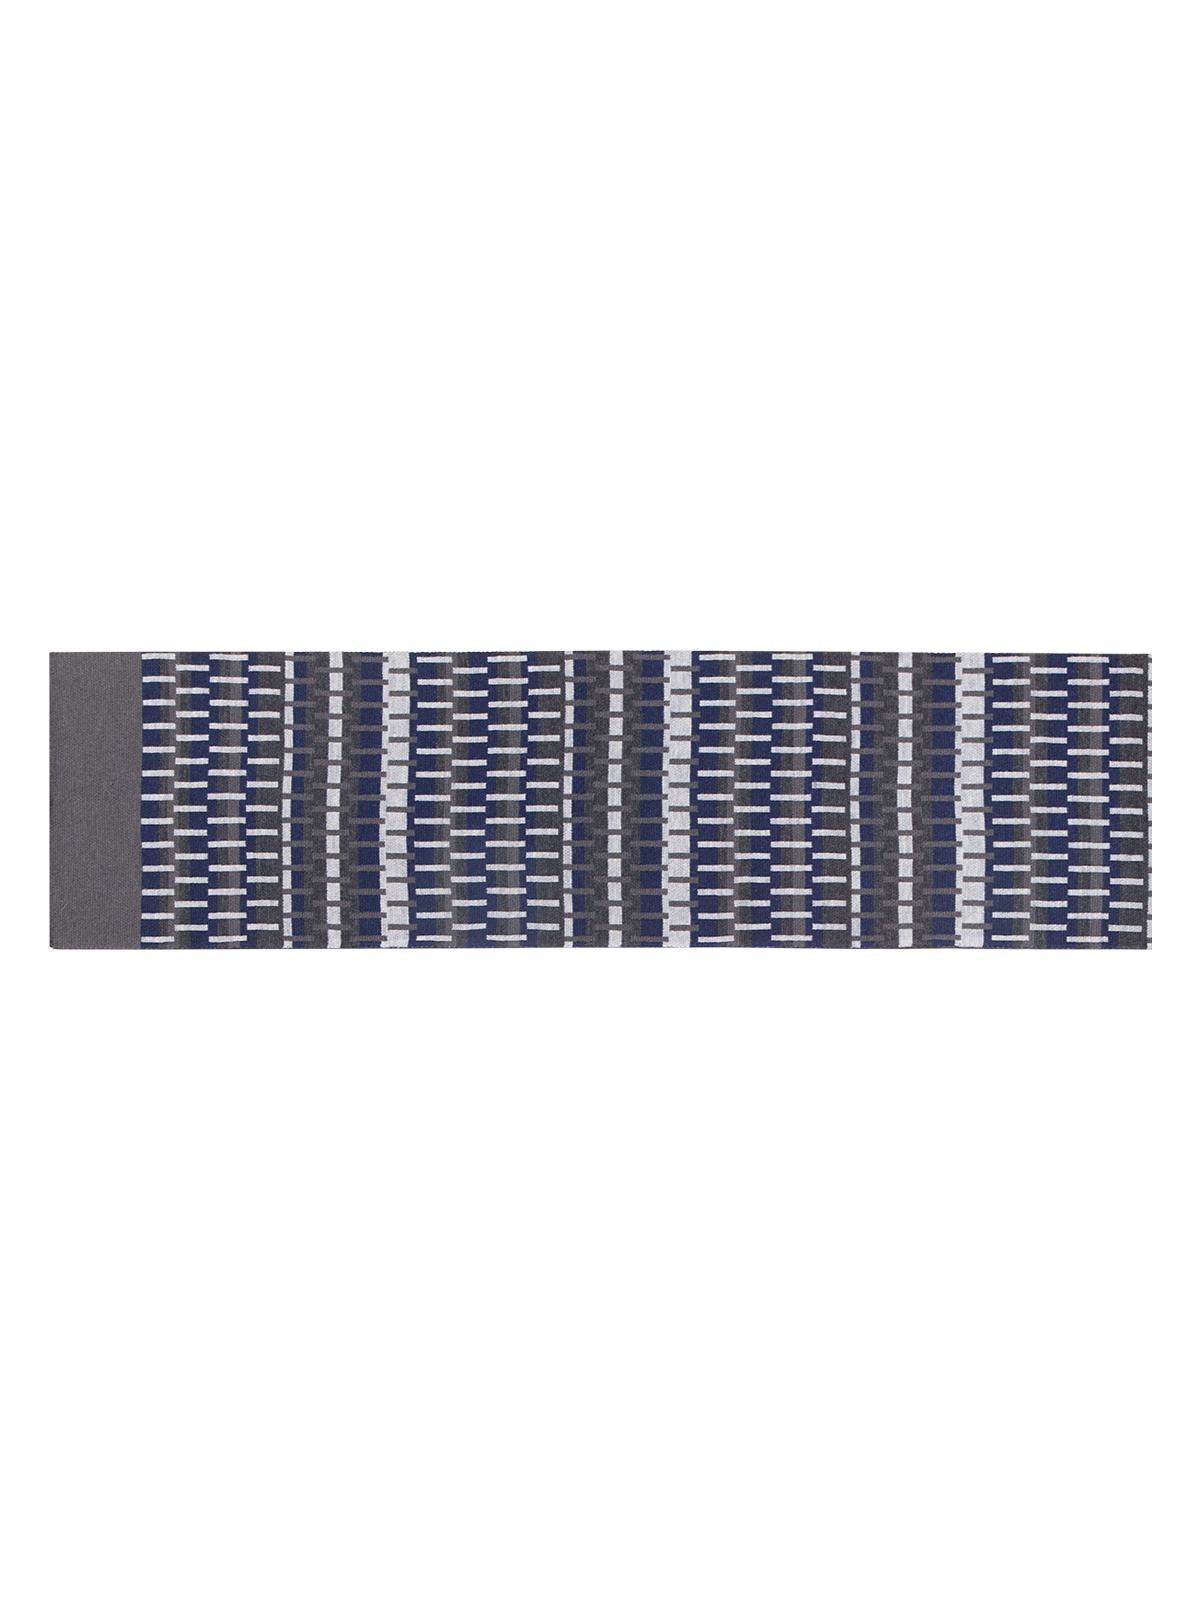 ШарфJG43-7614Элегантный мужской шарф Eleganzza согреет вас в холодное время года, а также станет изысканным аксессуаром, который призван подчеркнуть ваш стиль и индивидуальность. Оригинальный и стильный шарф выполнен из сочетания высококачественных материалов шерсти и шелка, оформлен контрастным принтом.